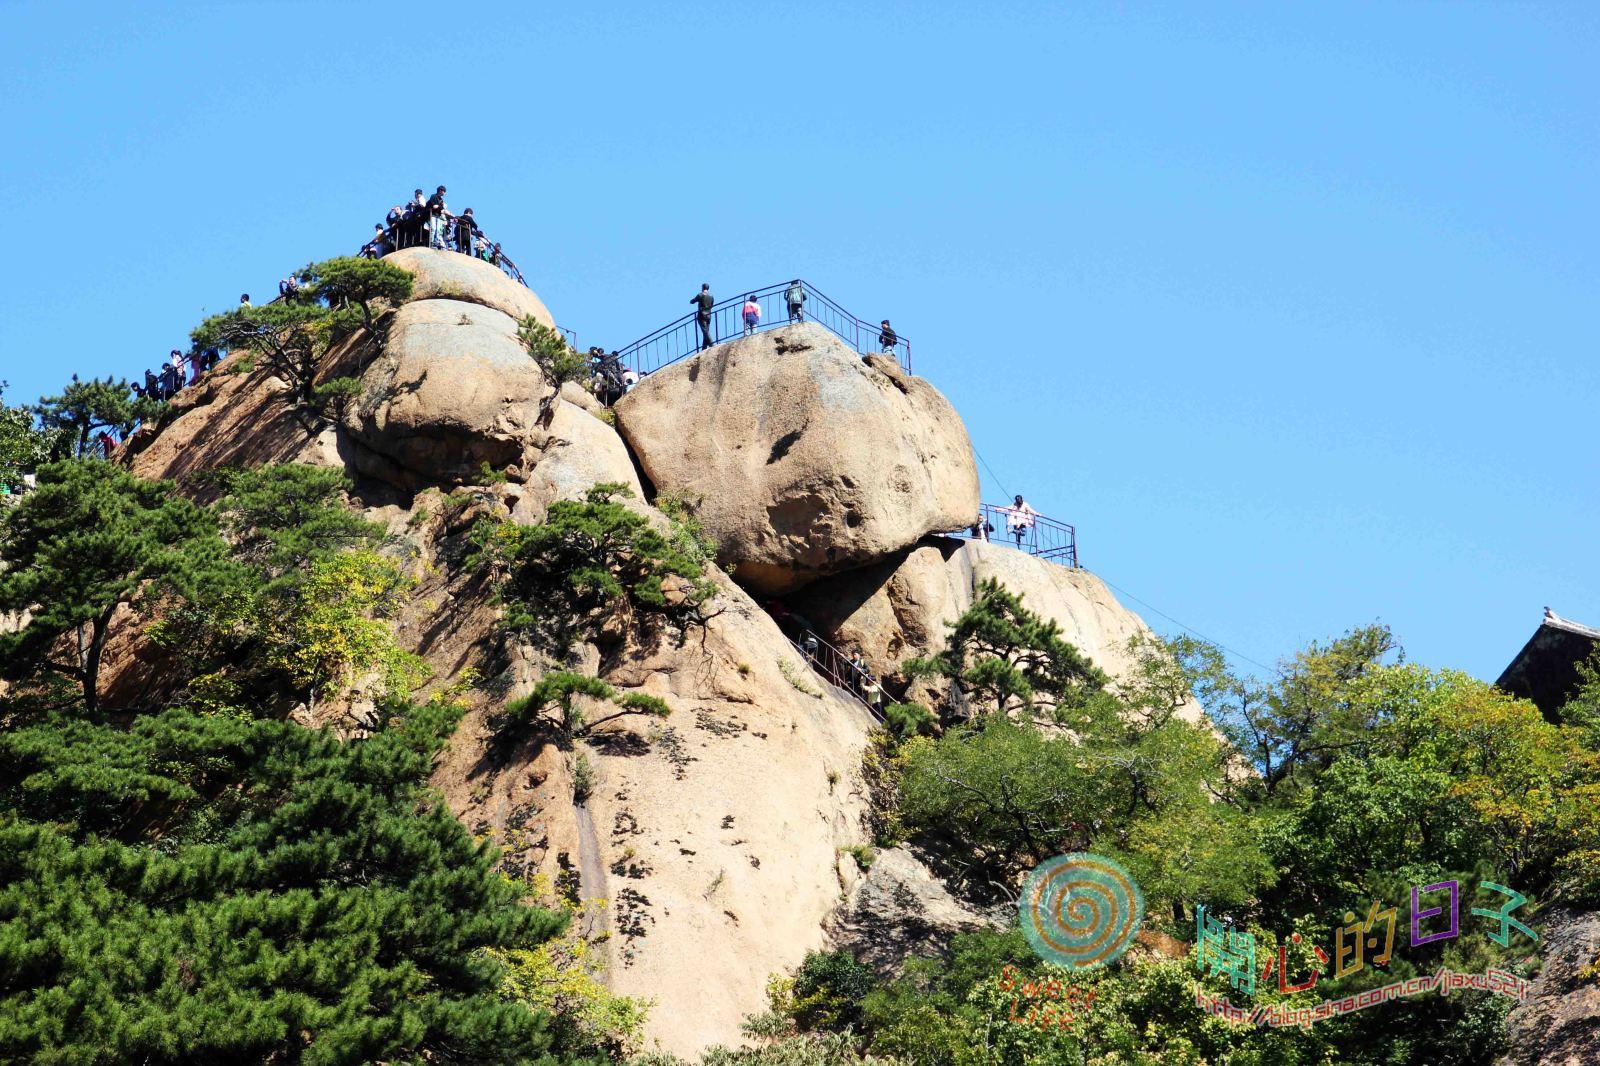 鞍山+本溪2日1晚跟团游暑假来袭,超级特惠季题常考初中物理的画图图片